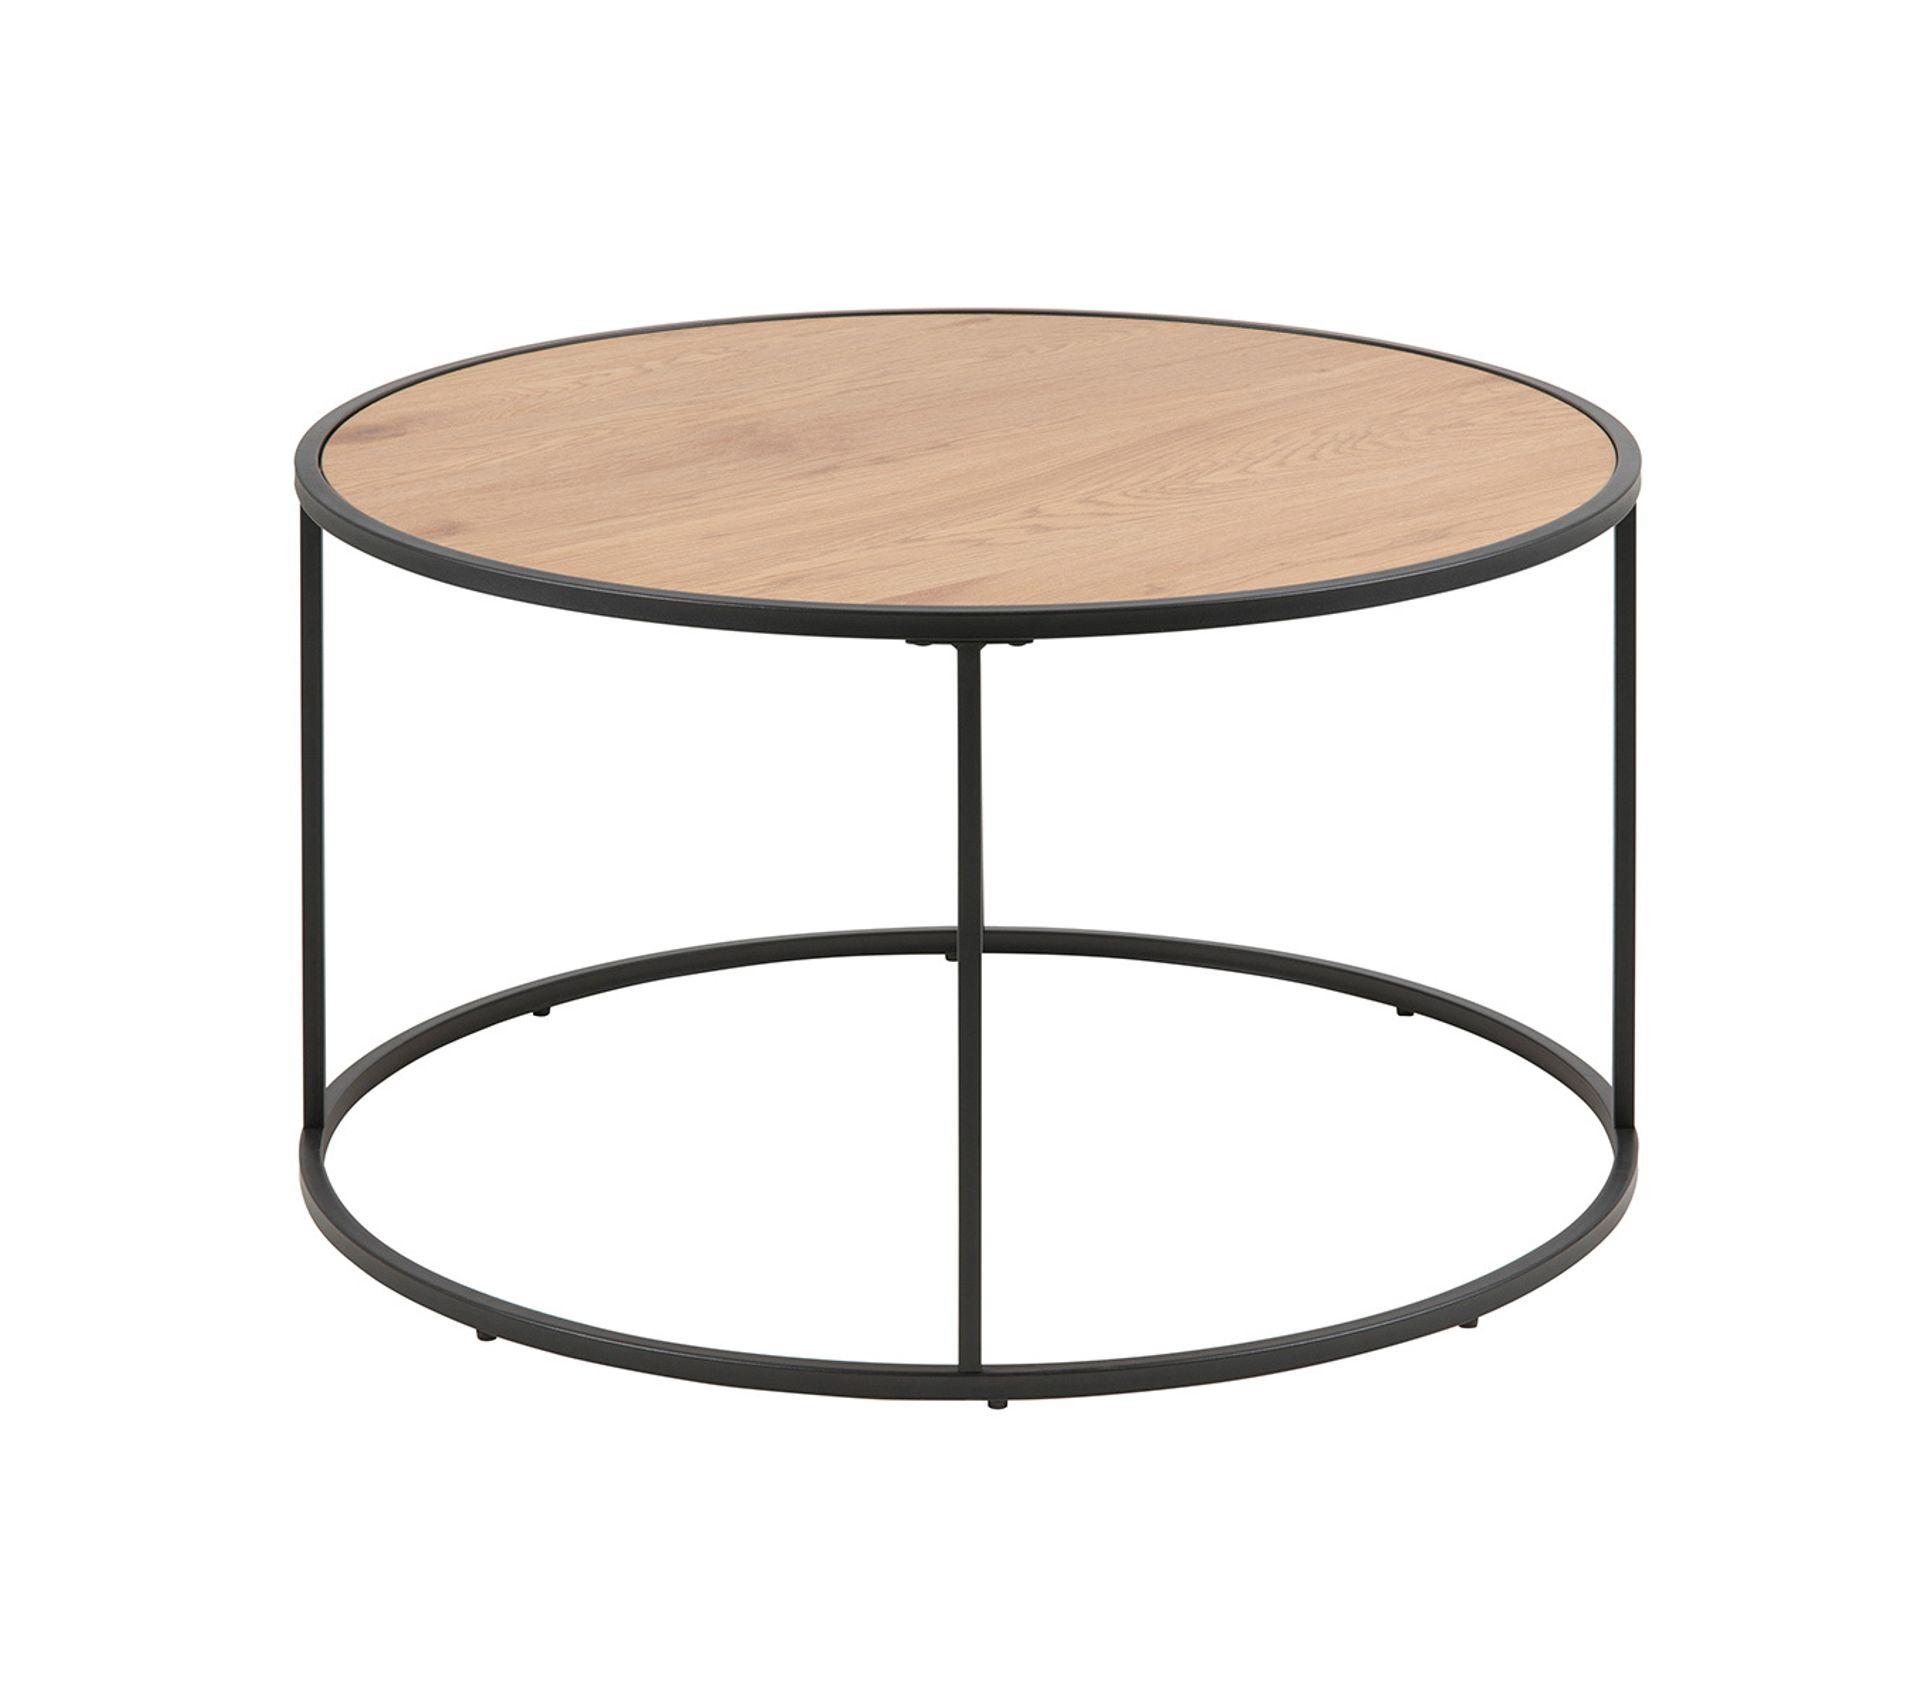 Table Basse Ronde Bois Et Metal Noir D80 Cm Tresca Table Basse But